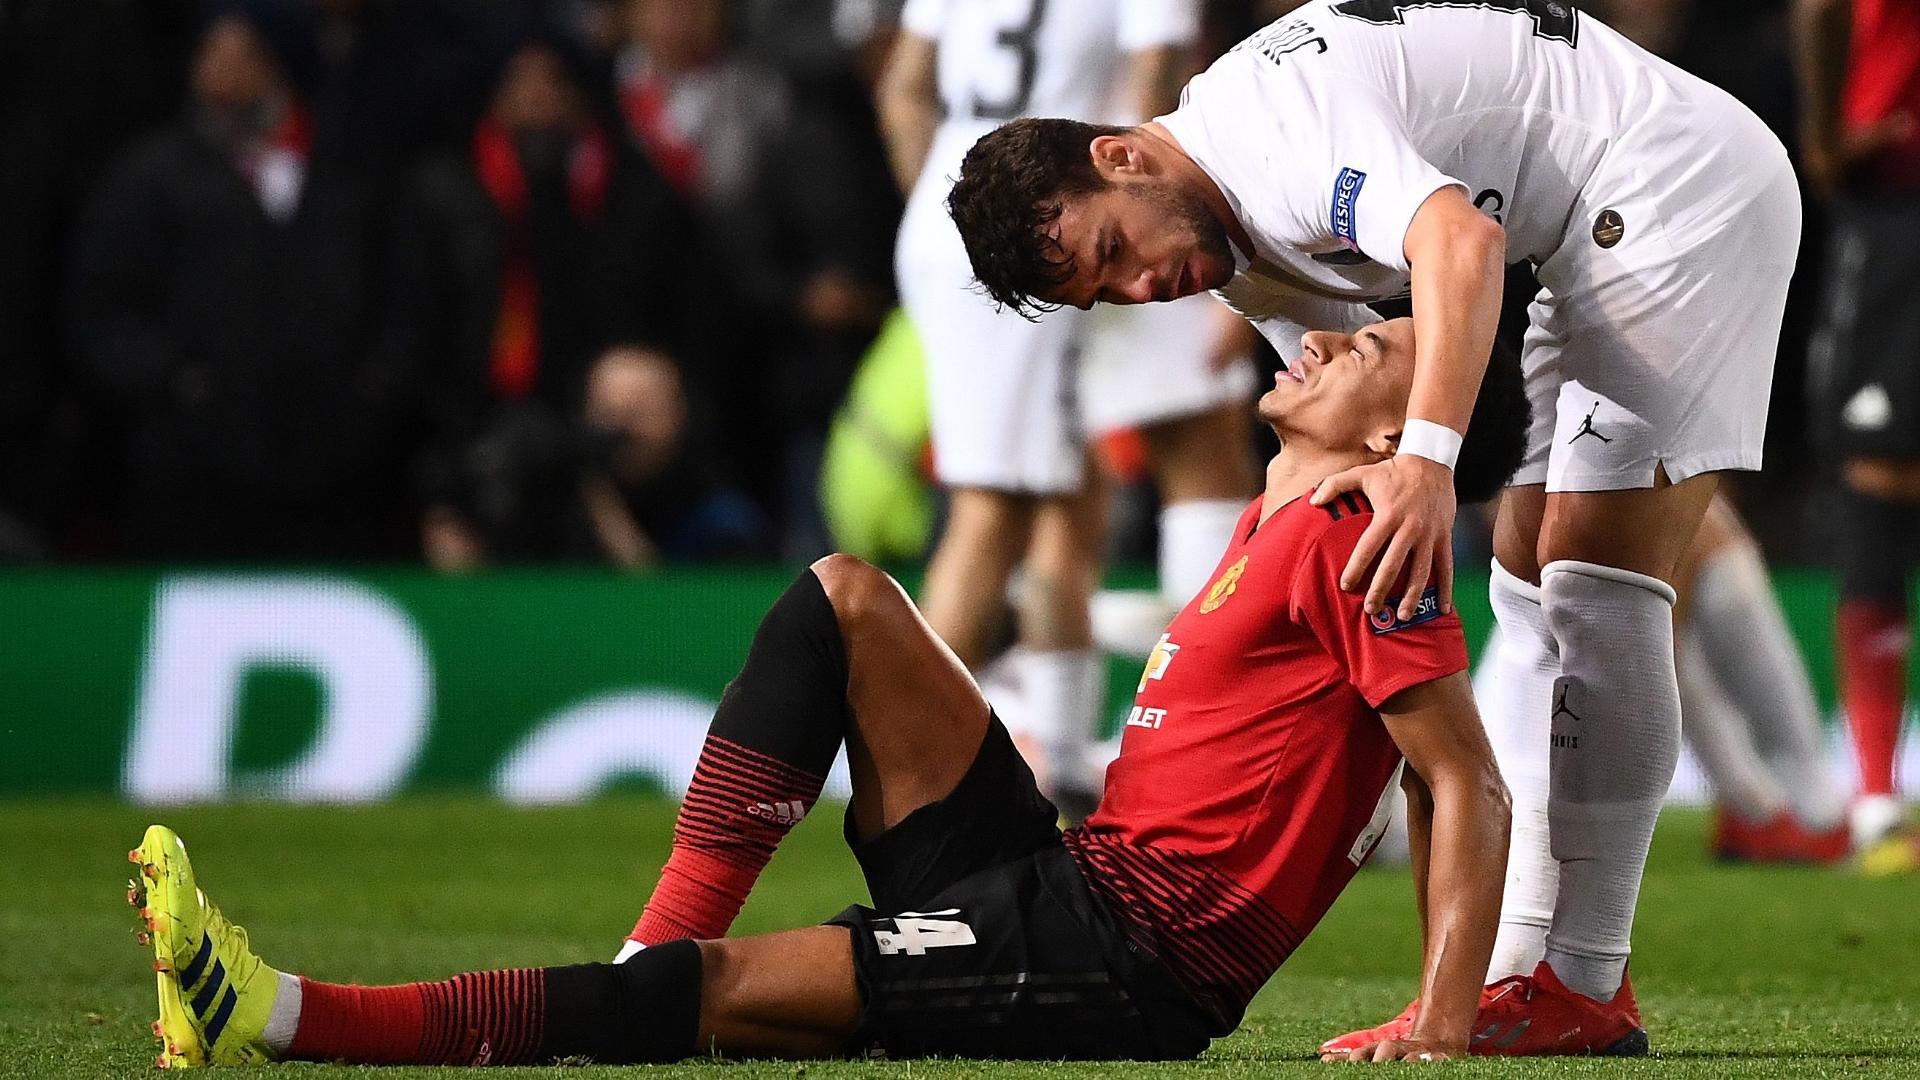 Man Utd Vs Psg: Man Utd News: Blow For United As Lingard Limps Off Against